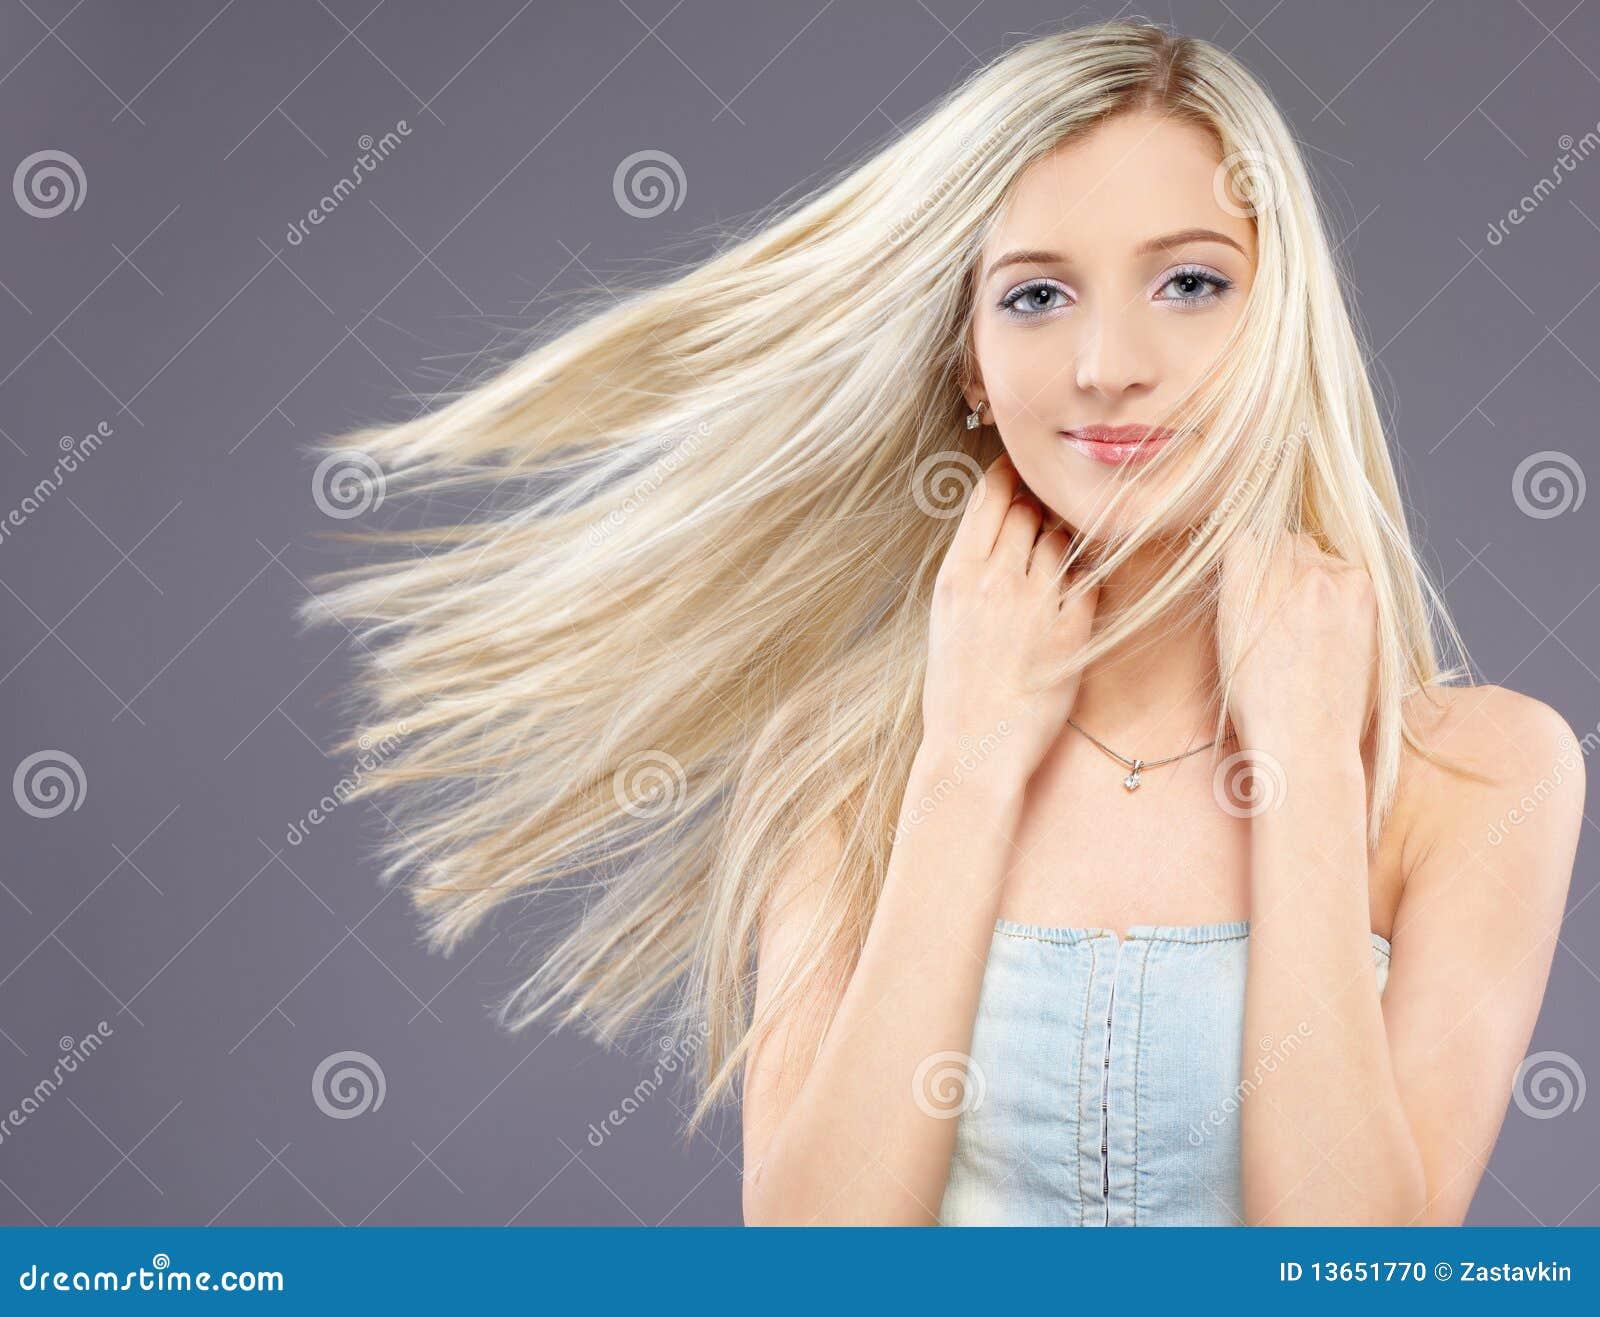 斯拉夫民族美丽的白肤金发的振翼的女孩头发的纵向.图片